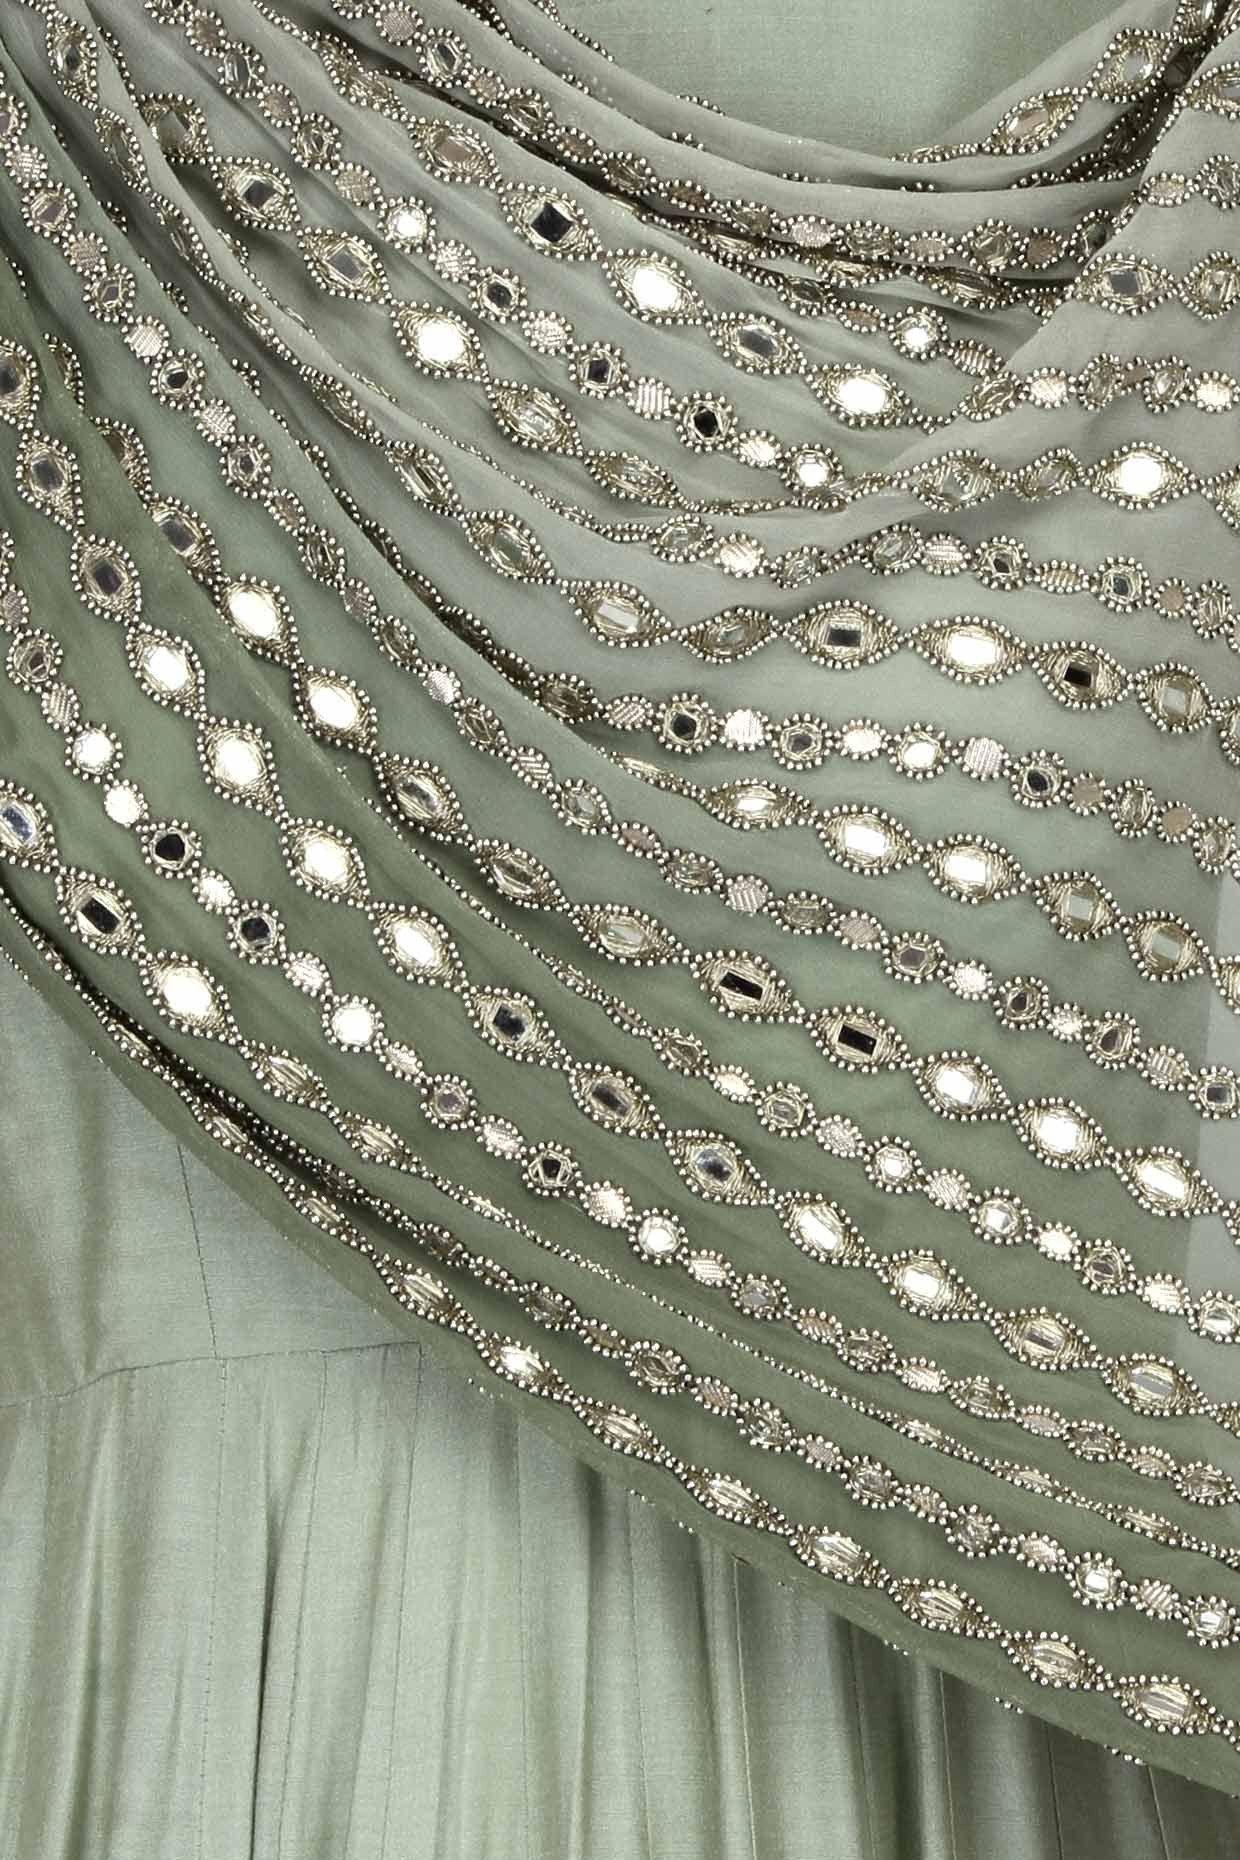 Ridhima Bhasin Mirror Work Dress Mirror Work Saree Stylish Dresses,Cottage Garden Landscape Design Ideas